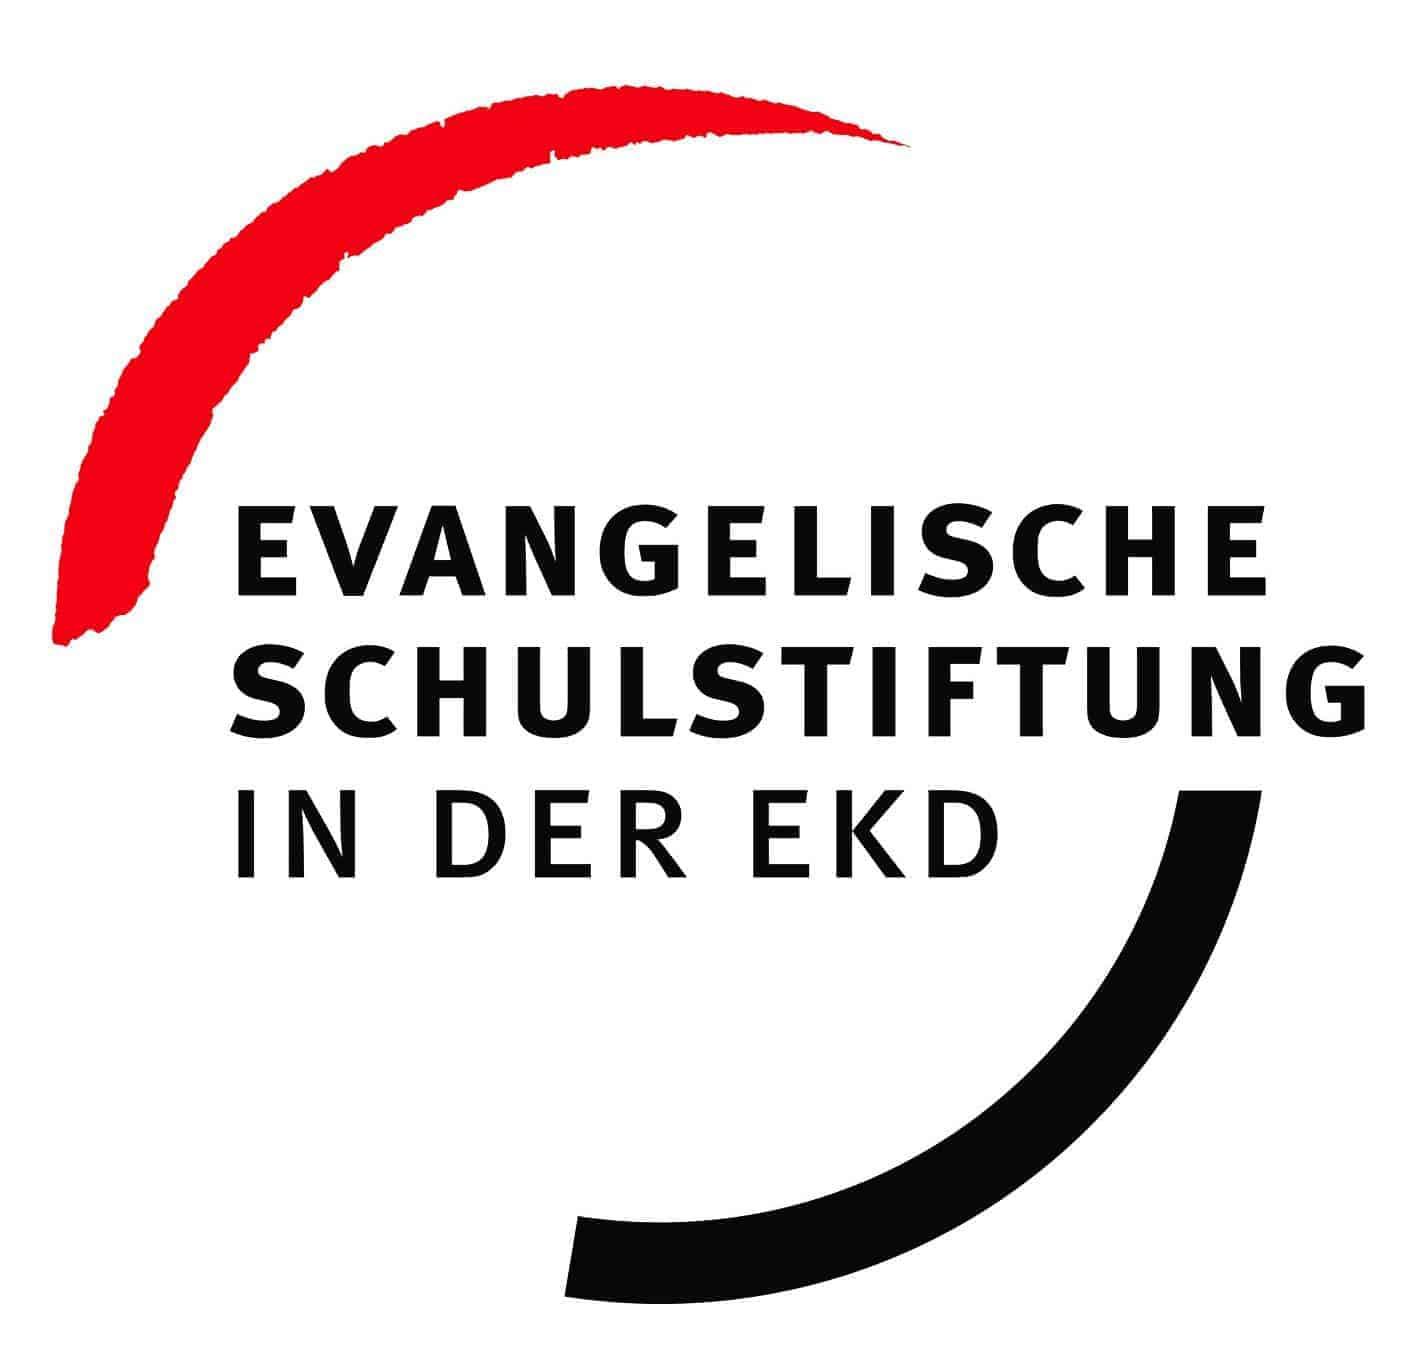 Evangelische Schulstiftung in der EKG